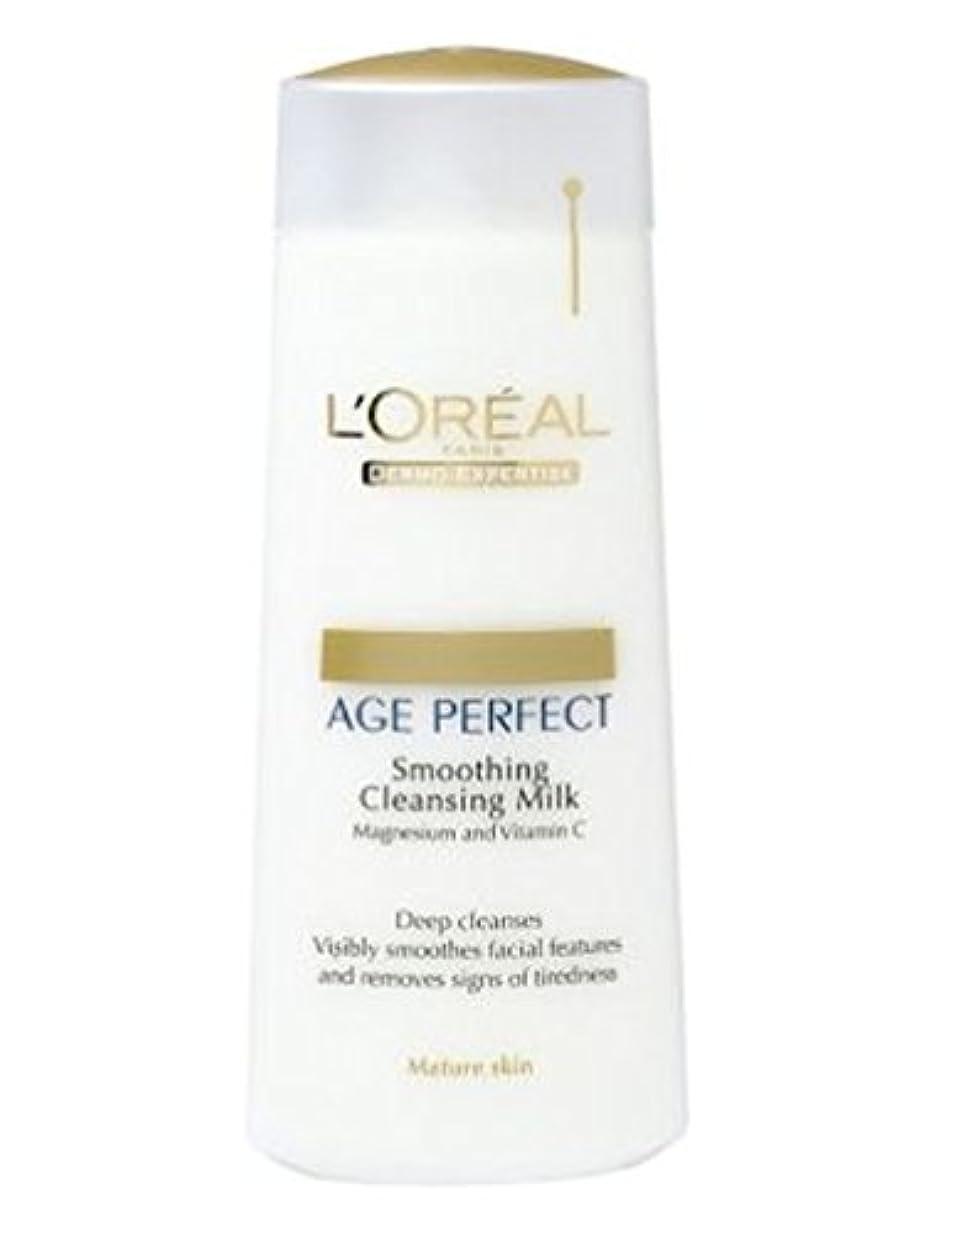 欲求不満ステレオなるL'Oreall真皮専門知識の年齢、完璧なスムージングクレンジングミルク200ミリリットル (L'Oreal) (x2) - L'Oreall Dermo-Expertise Age Perfect Smoothing...